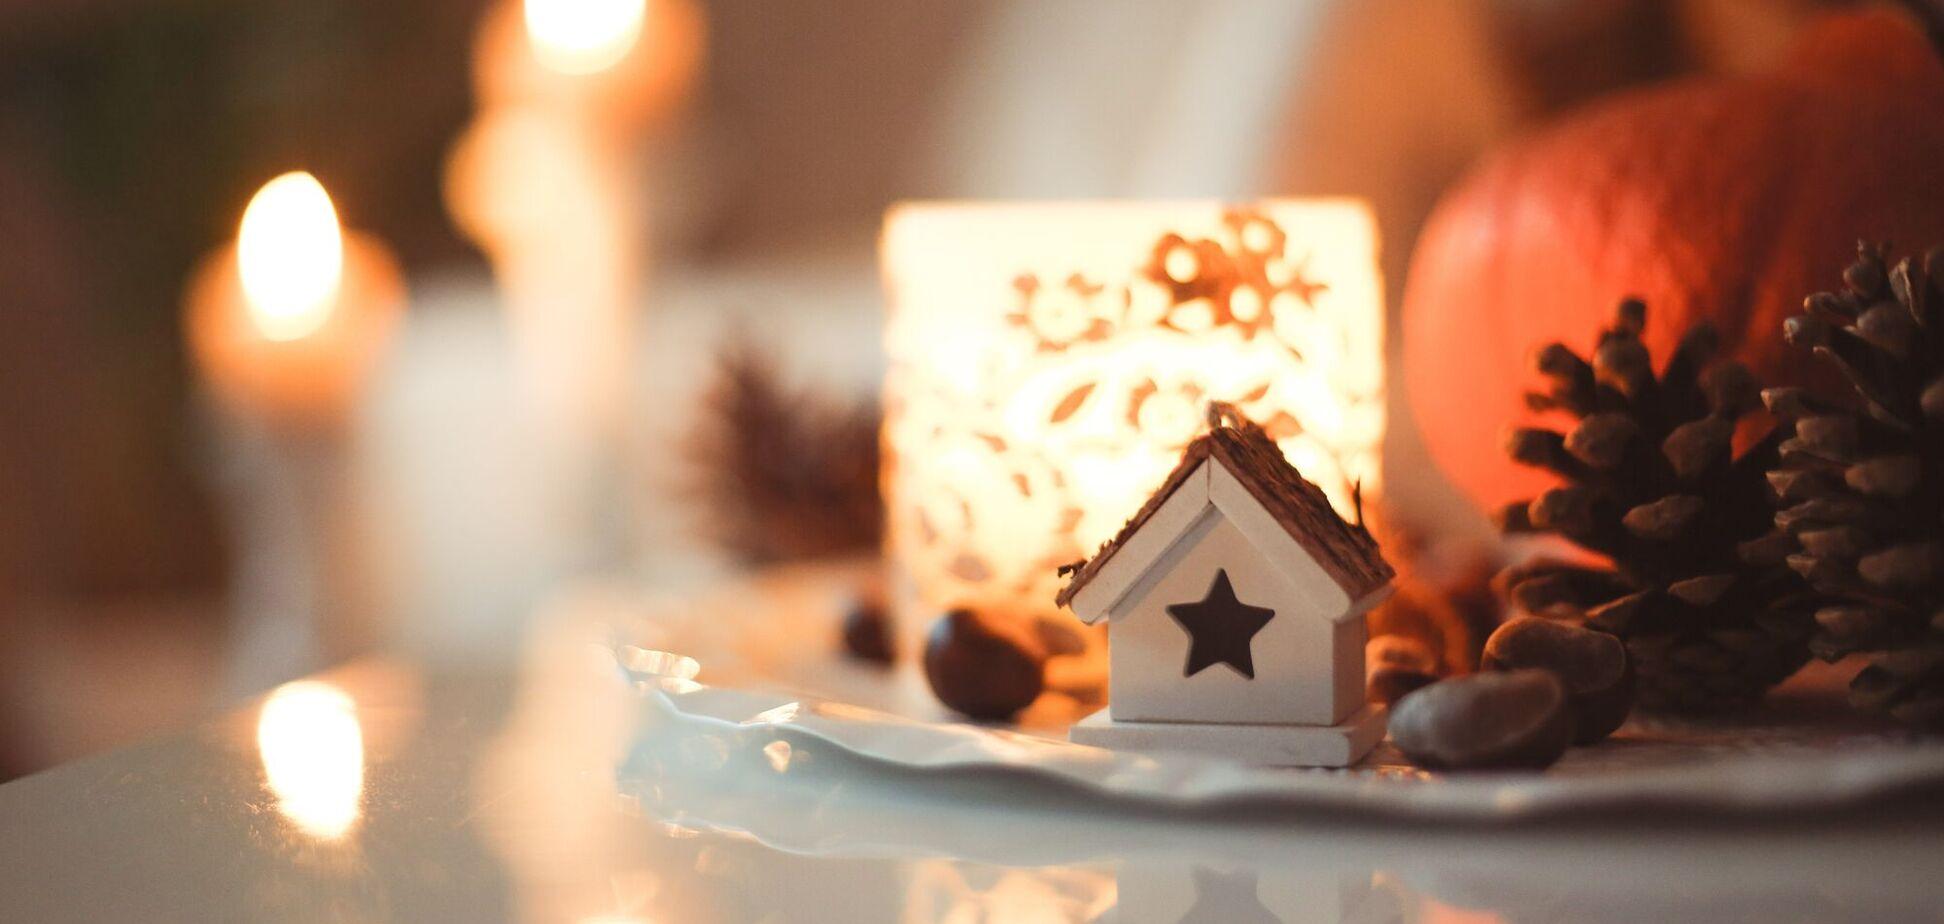 Рождественский пост начался 28 ноября